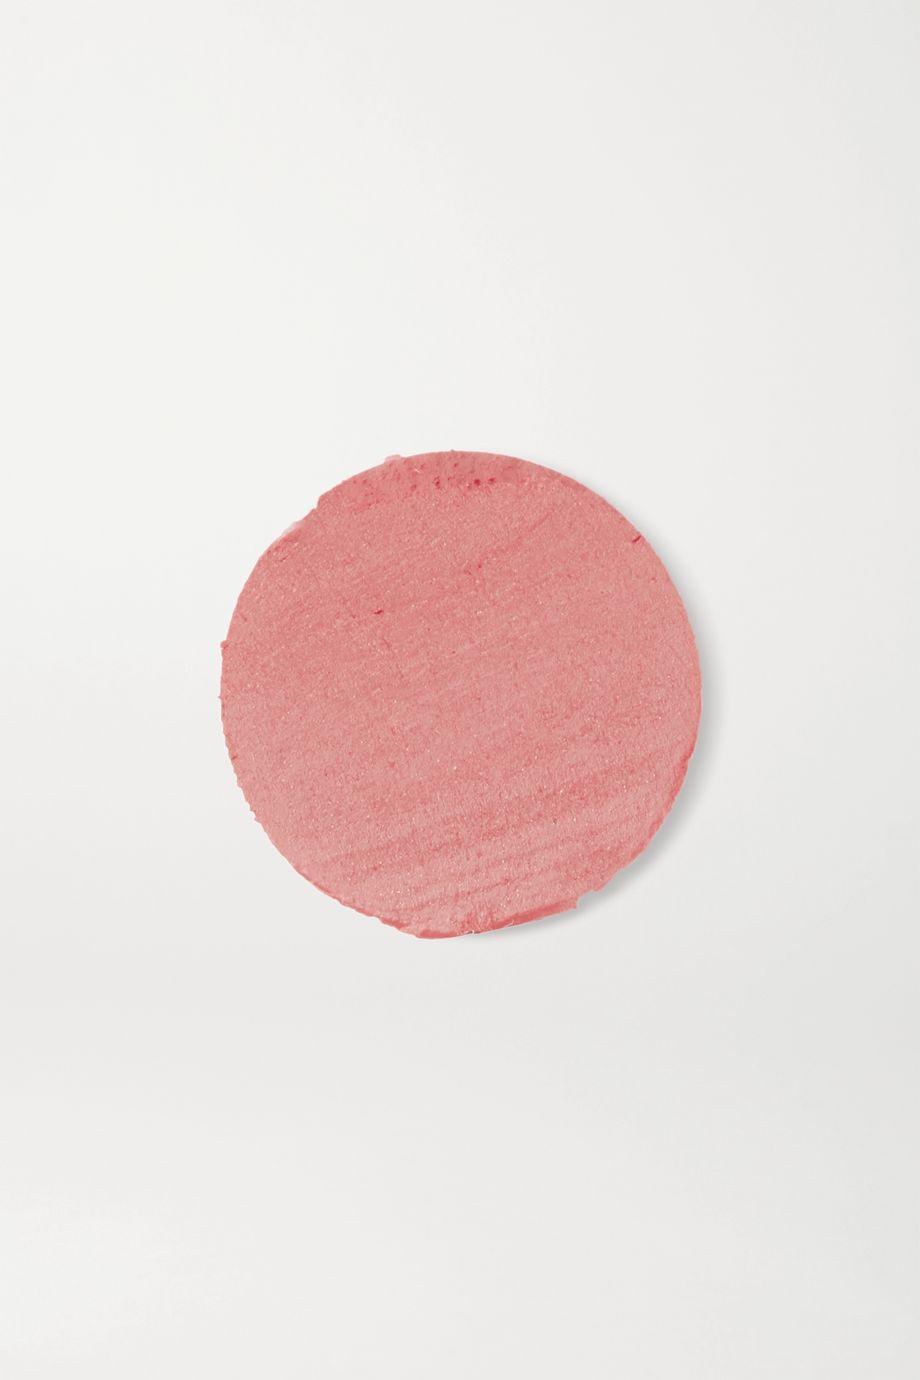 Charlotte Tilbury Recharge pour rouge à lèvres Hot Lips 2, Dancefloor Princess